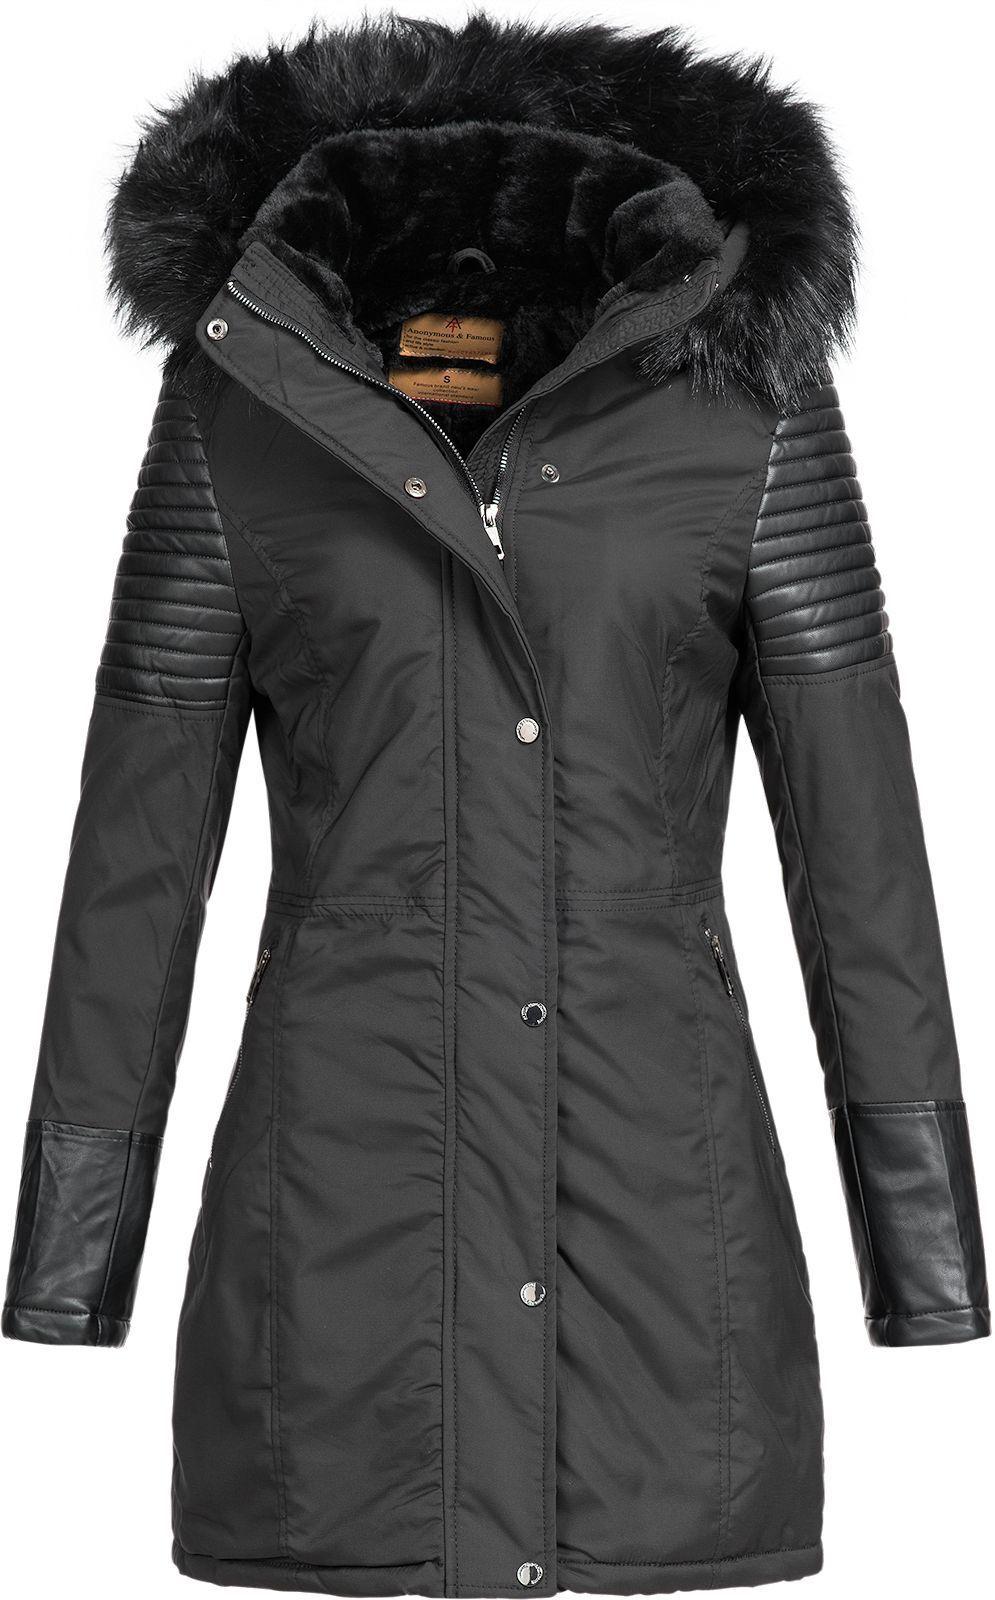 Damen Winter Jacke Damenjacke Parka Mantel Damenmantel Wintermantel AF-1806B